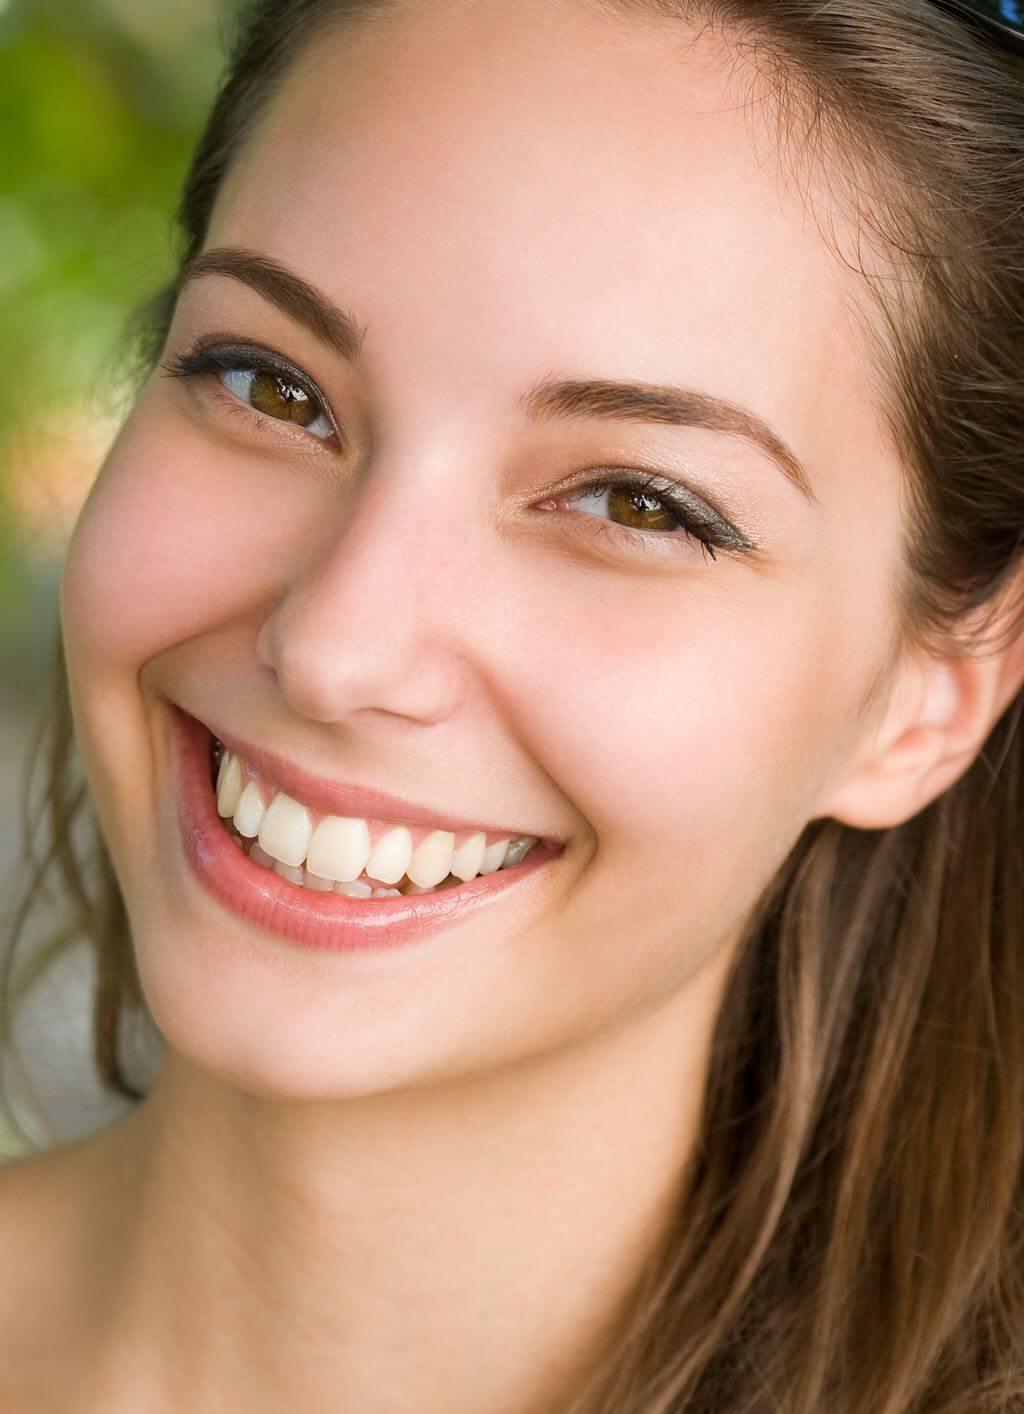 Esztétikai fogászat, esztétikus tömés